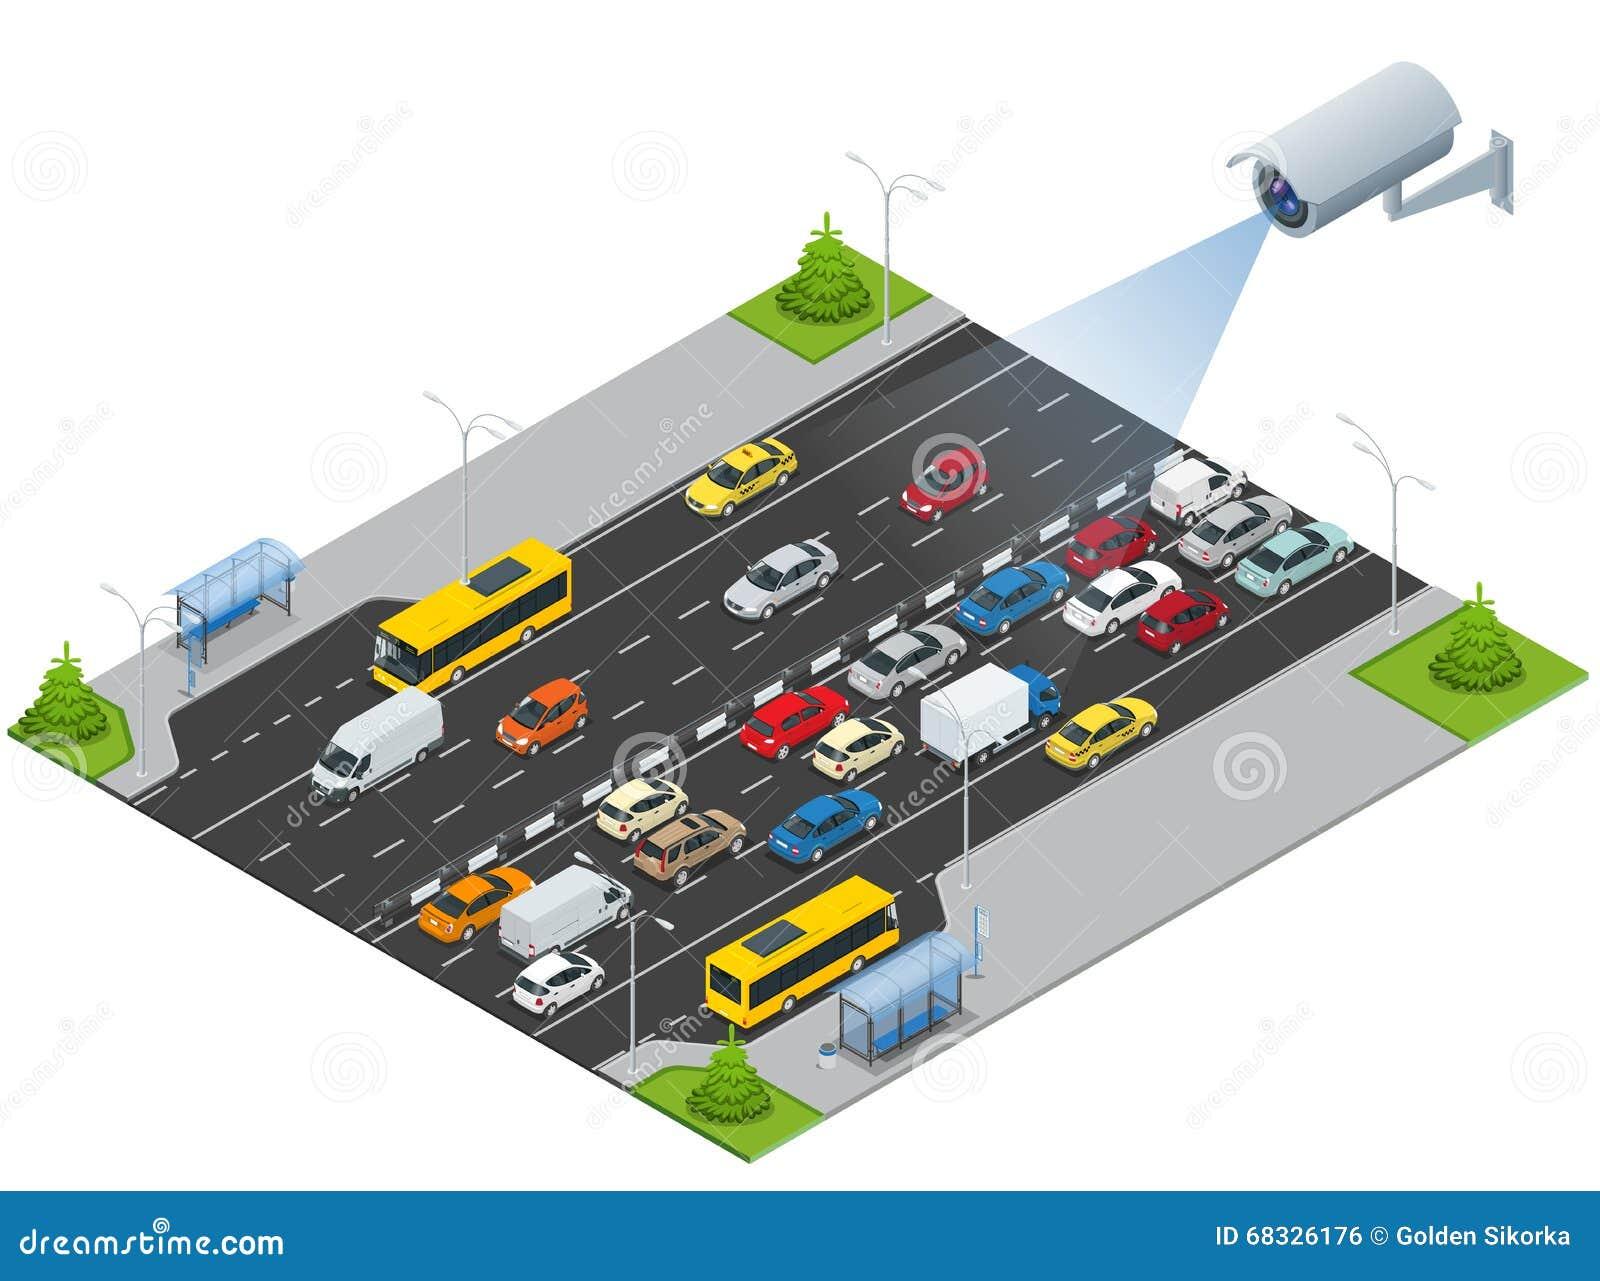 Камера слежения обнаруживает движение движения Камера слежения CCTV на равновеликой иллюстрации затора движения с спешкой